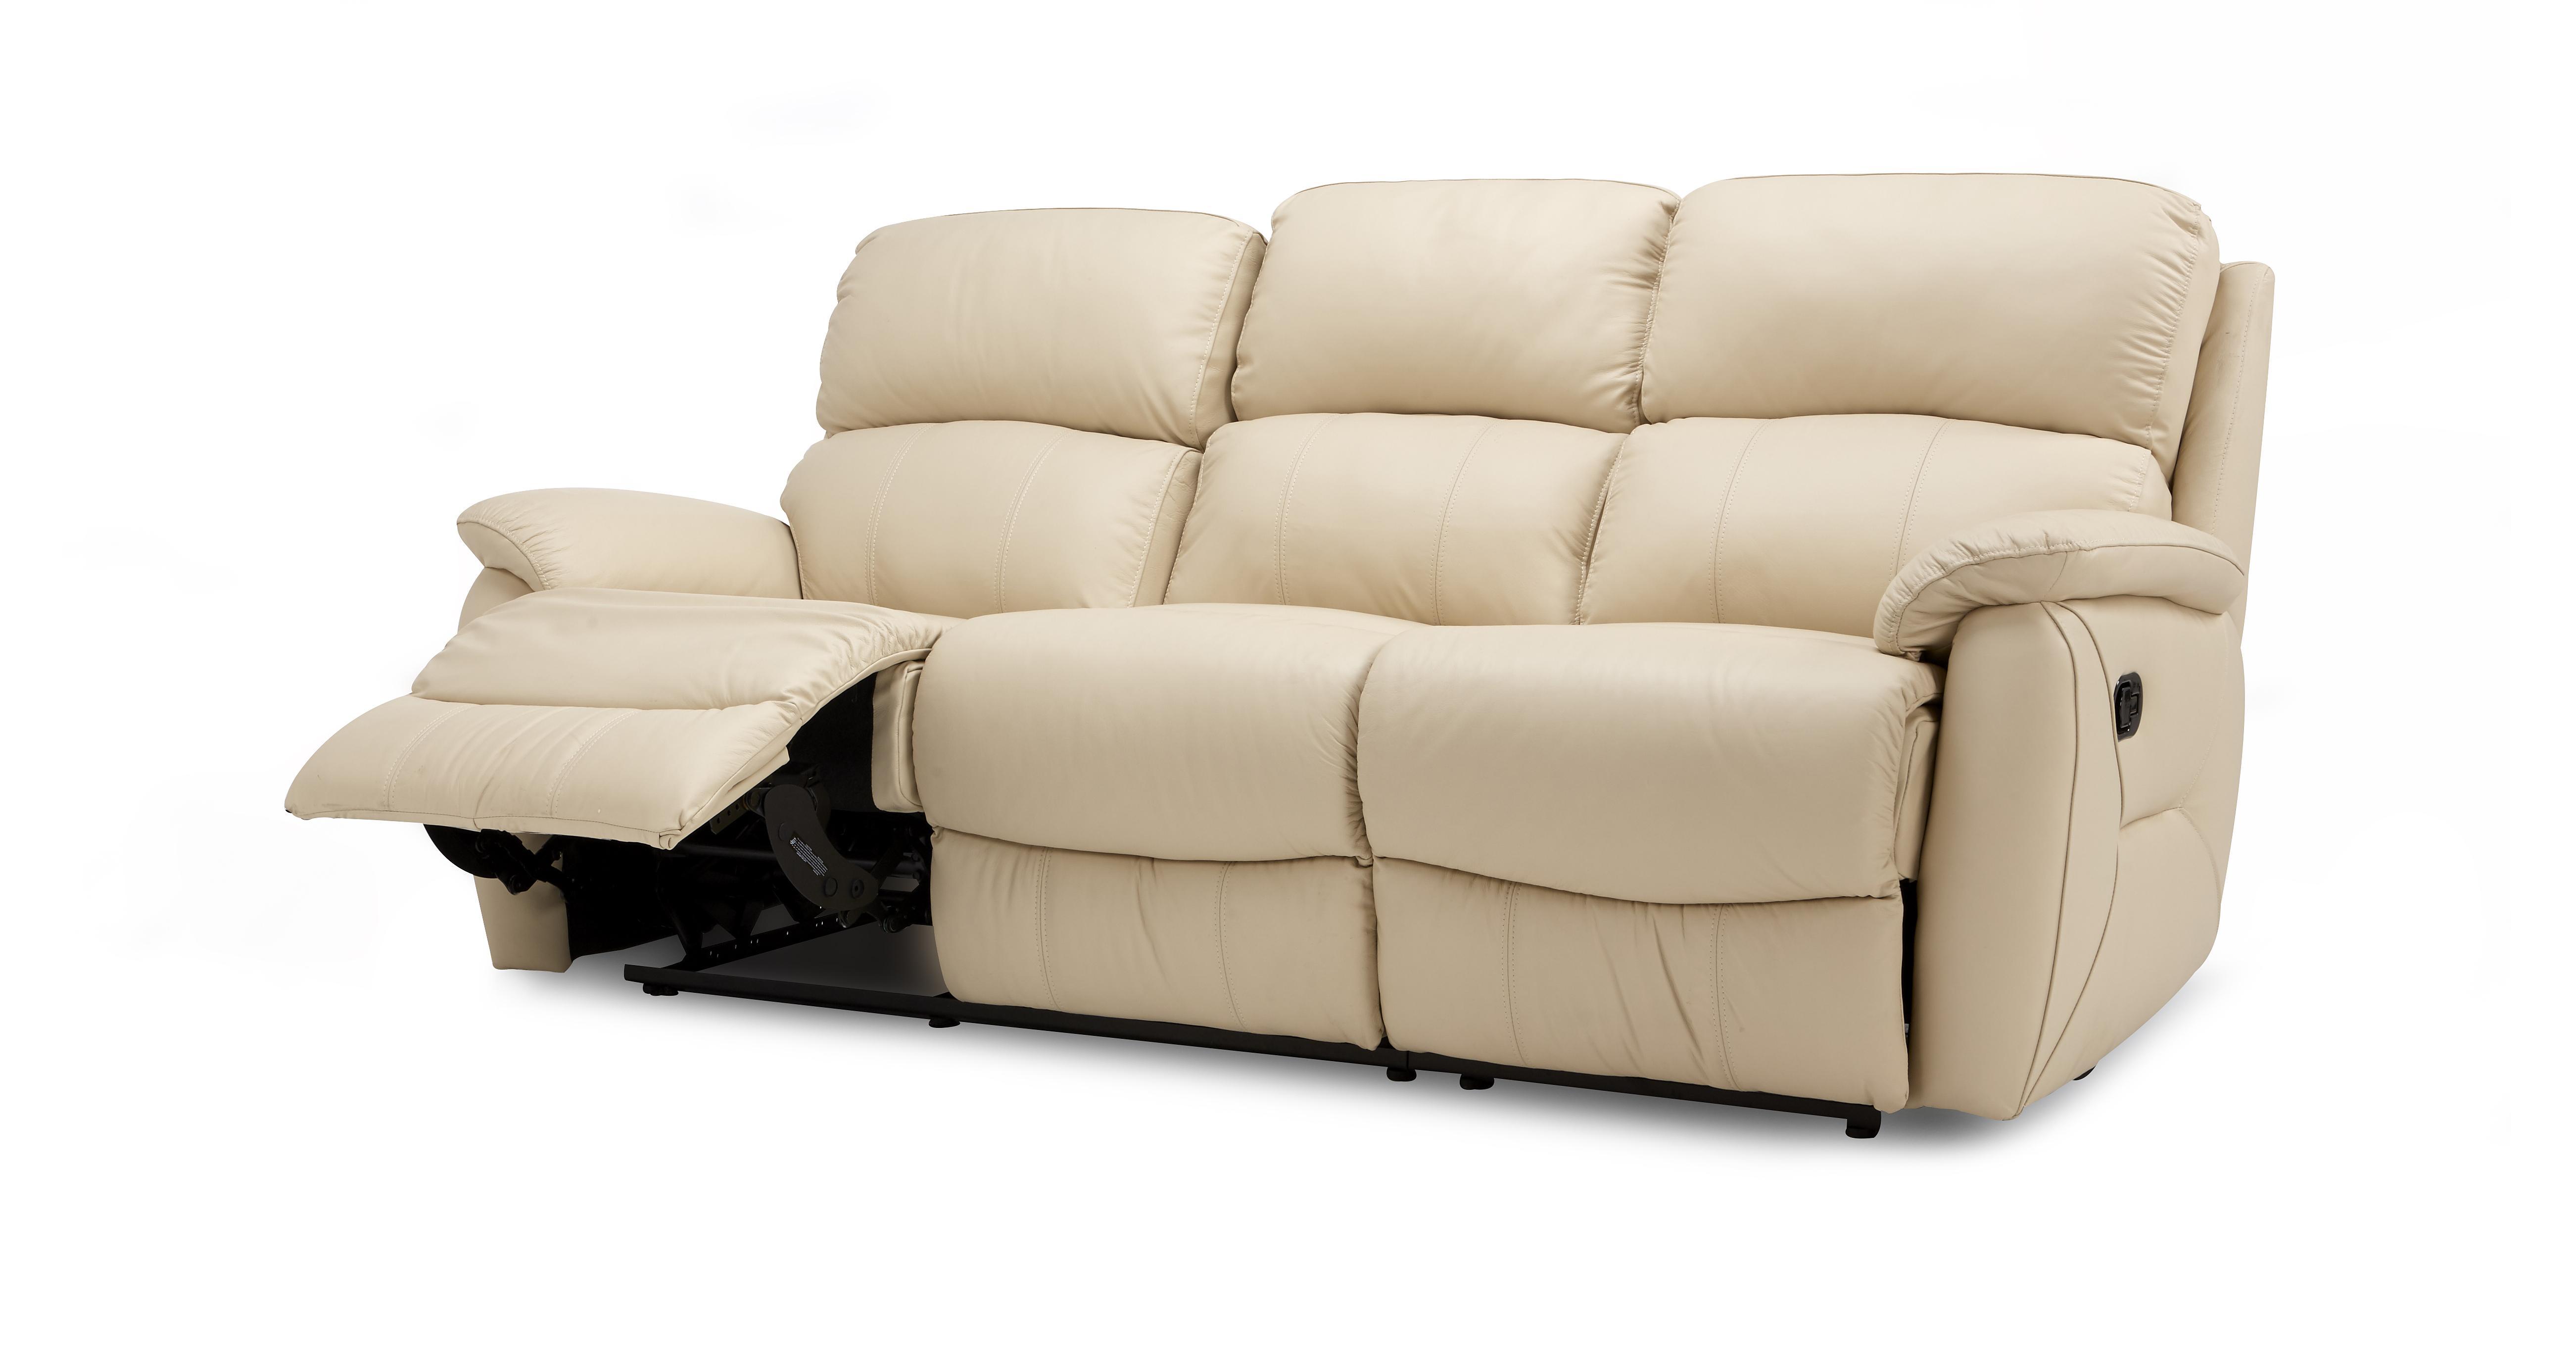 dfs navona sofa reviews bob bed gradschoolfairs